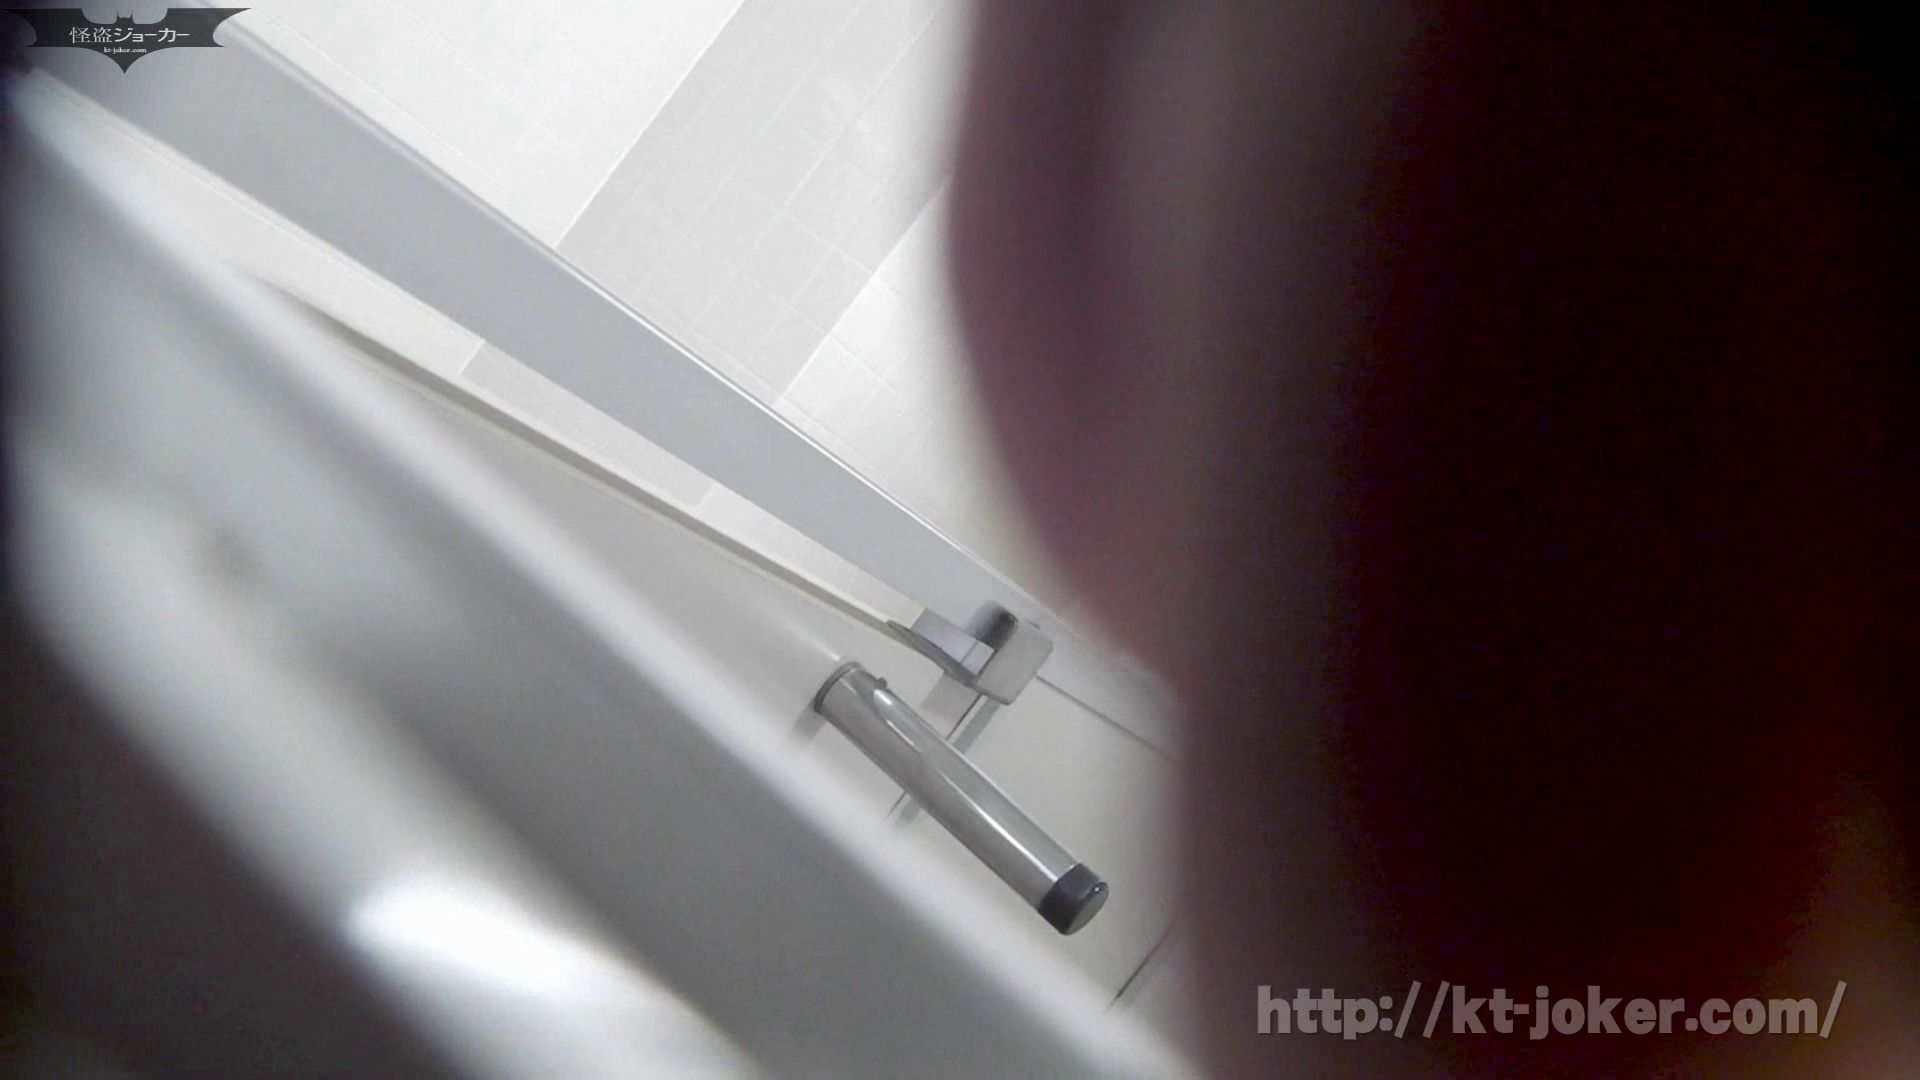 命がけ潜伏洗面所! vol.58 さらなる無謀な挑戦、新アングル、壁に穴を開ける 洗面所   OLセックス  110画像 64